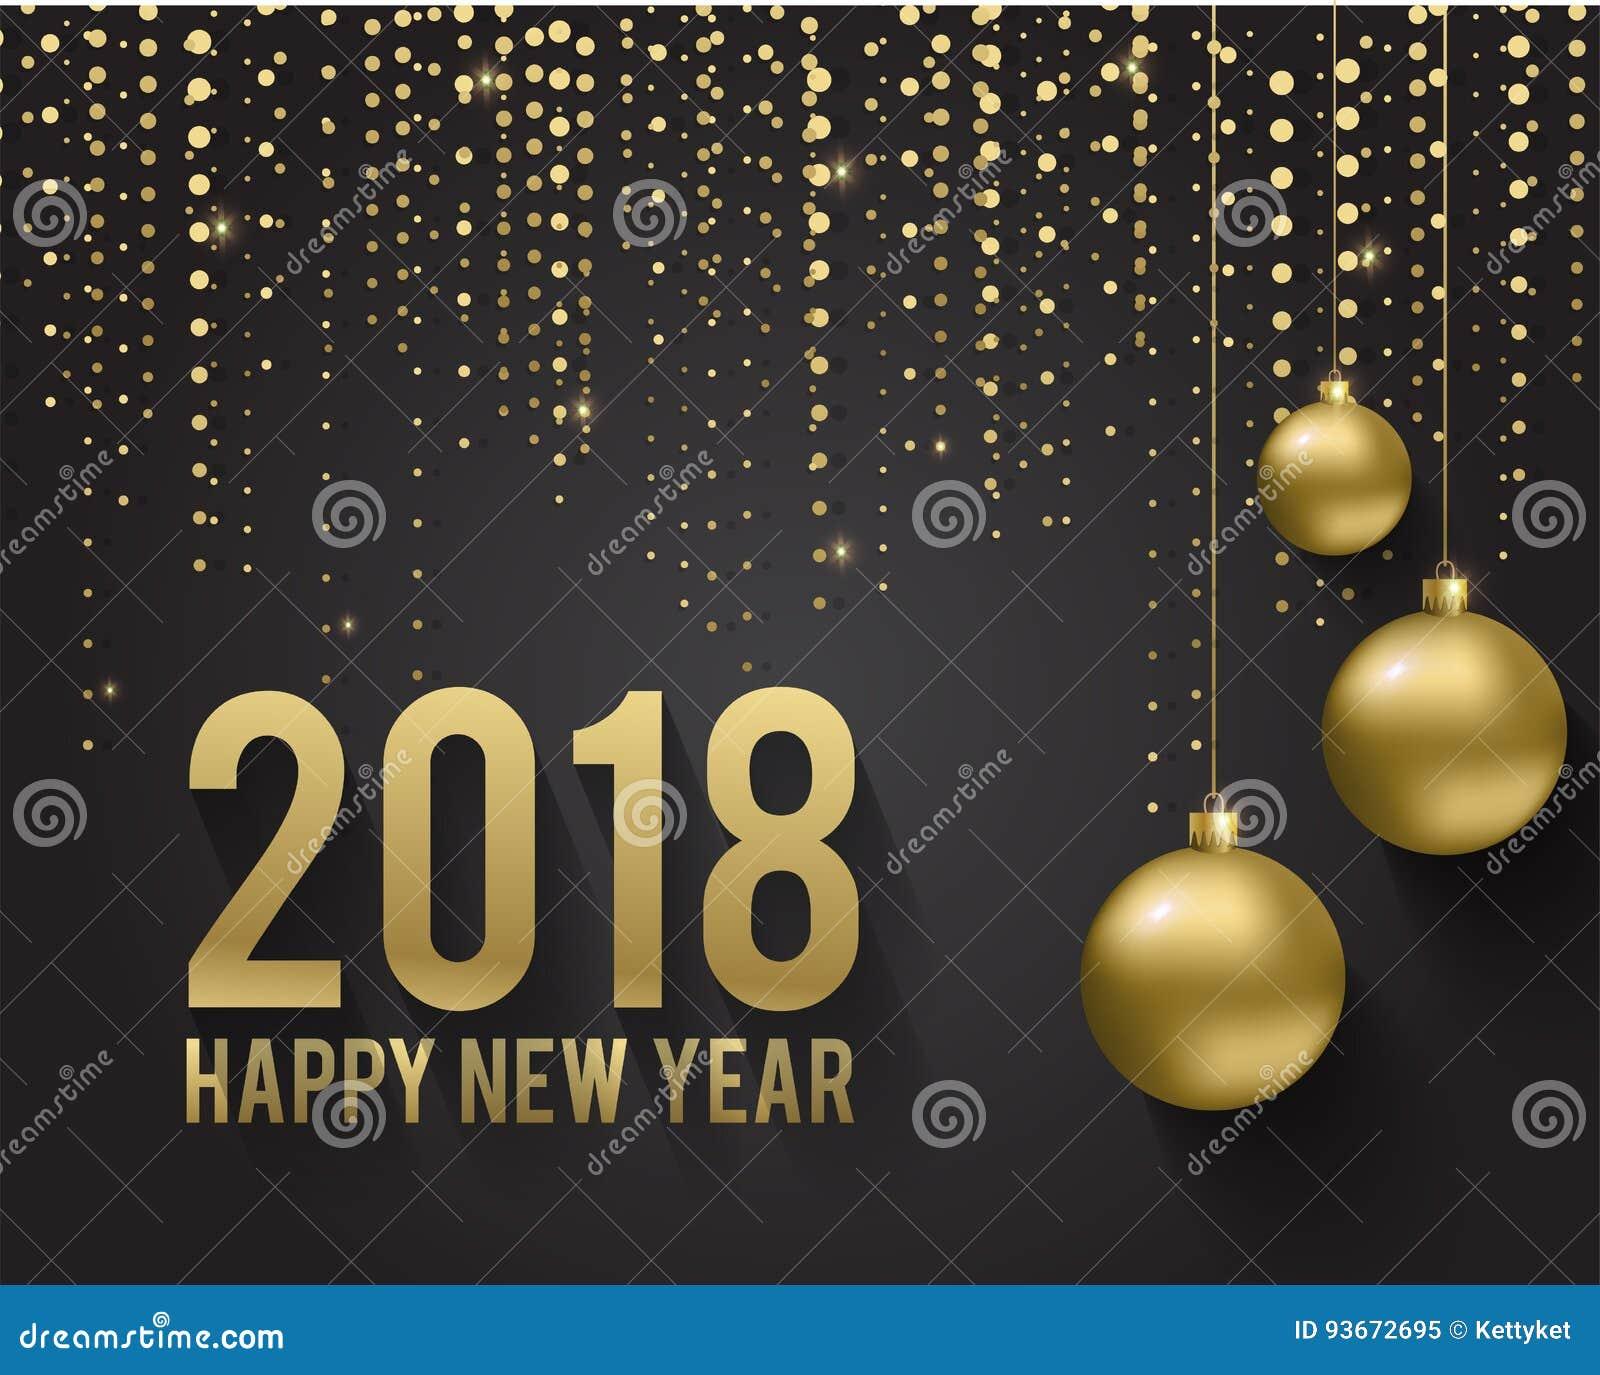 noel 2018 voeux Carte De Voeux, Invitation Avec La Bonne Année 2018 Et Noël Boules  noel 2018 voeux